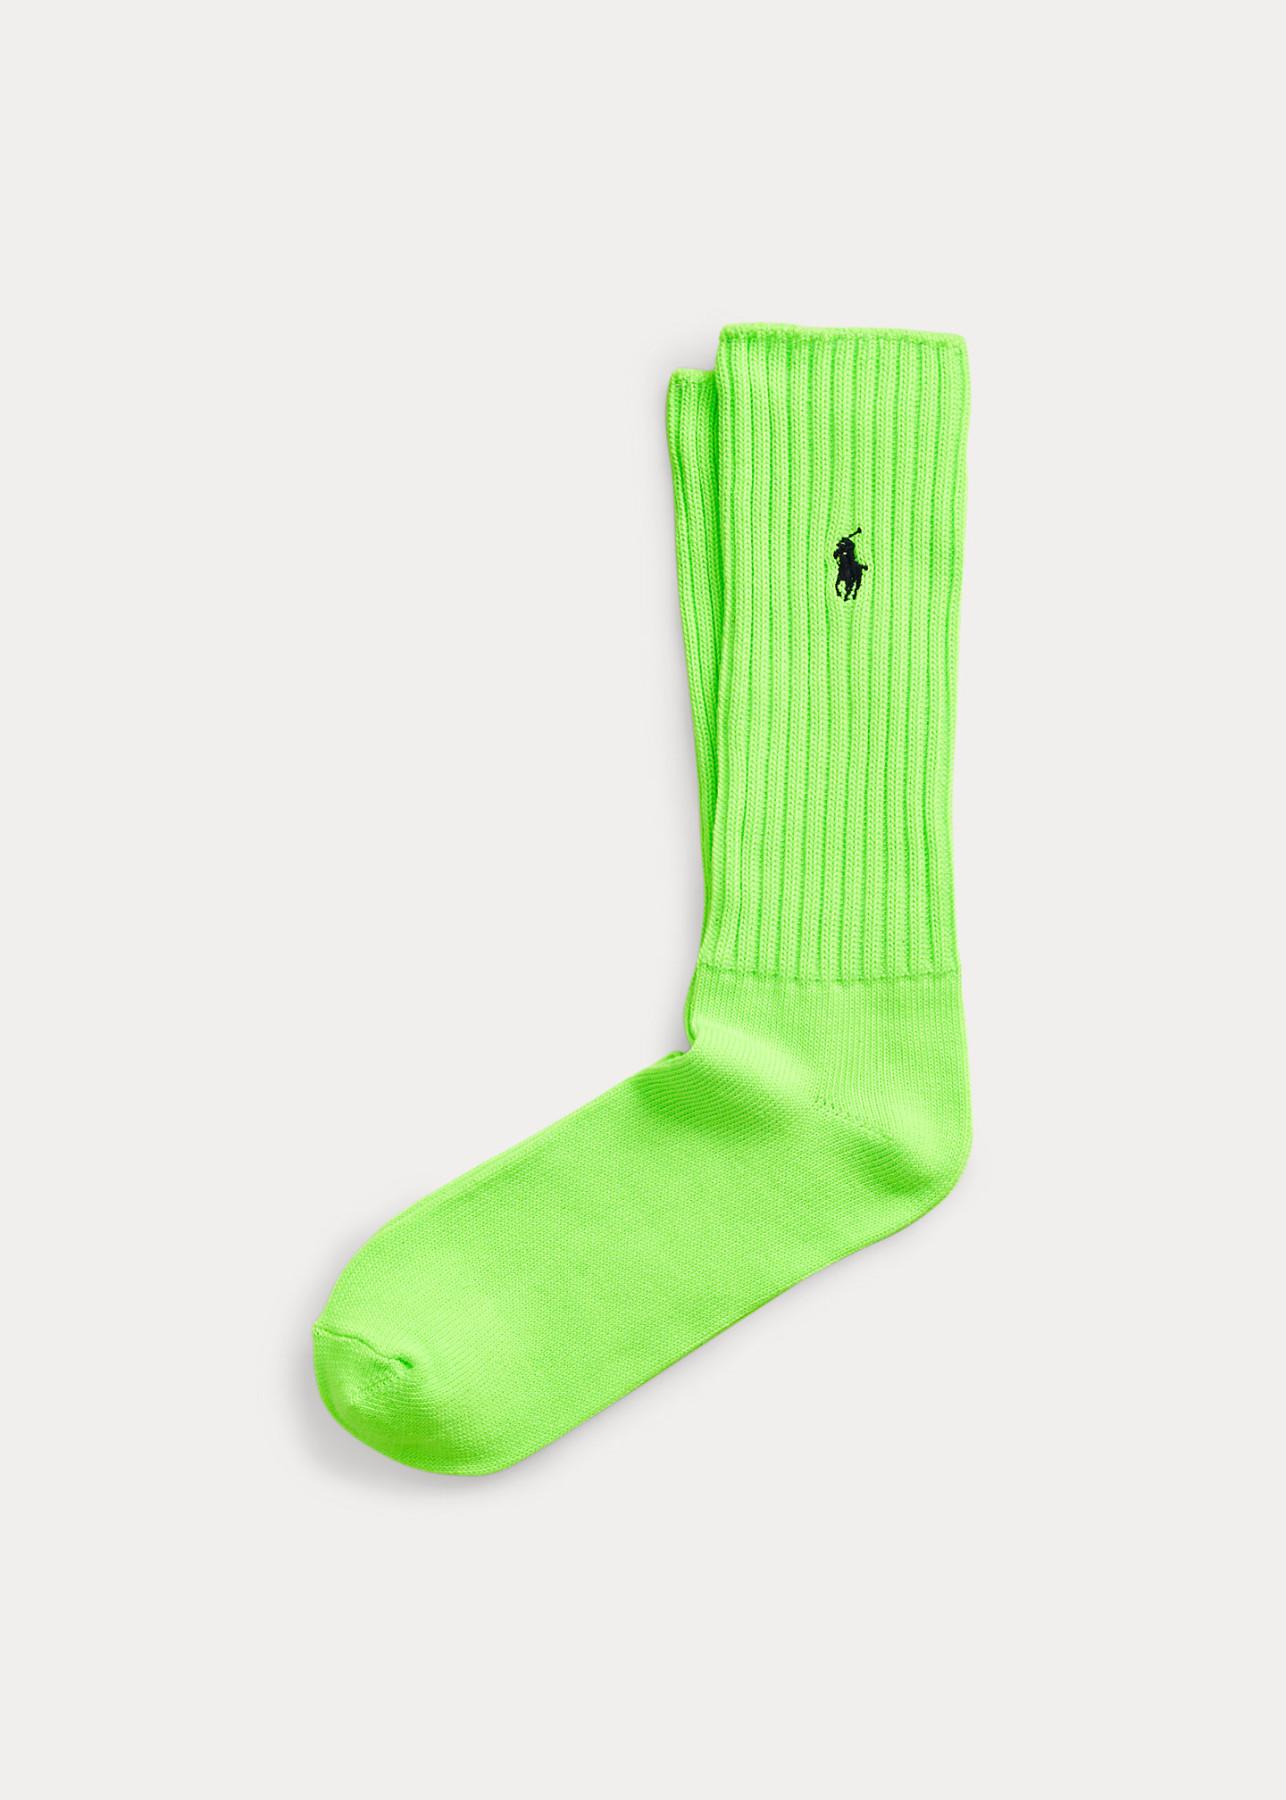 Ralph Lauren calzini verde fluo